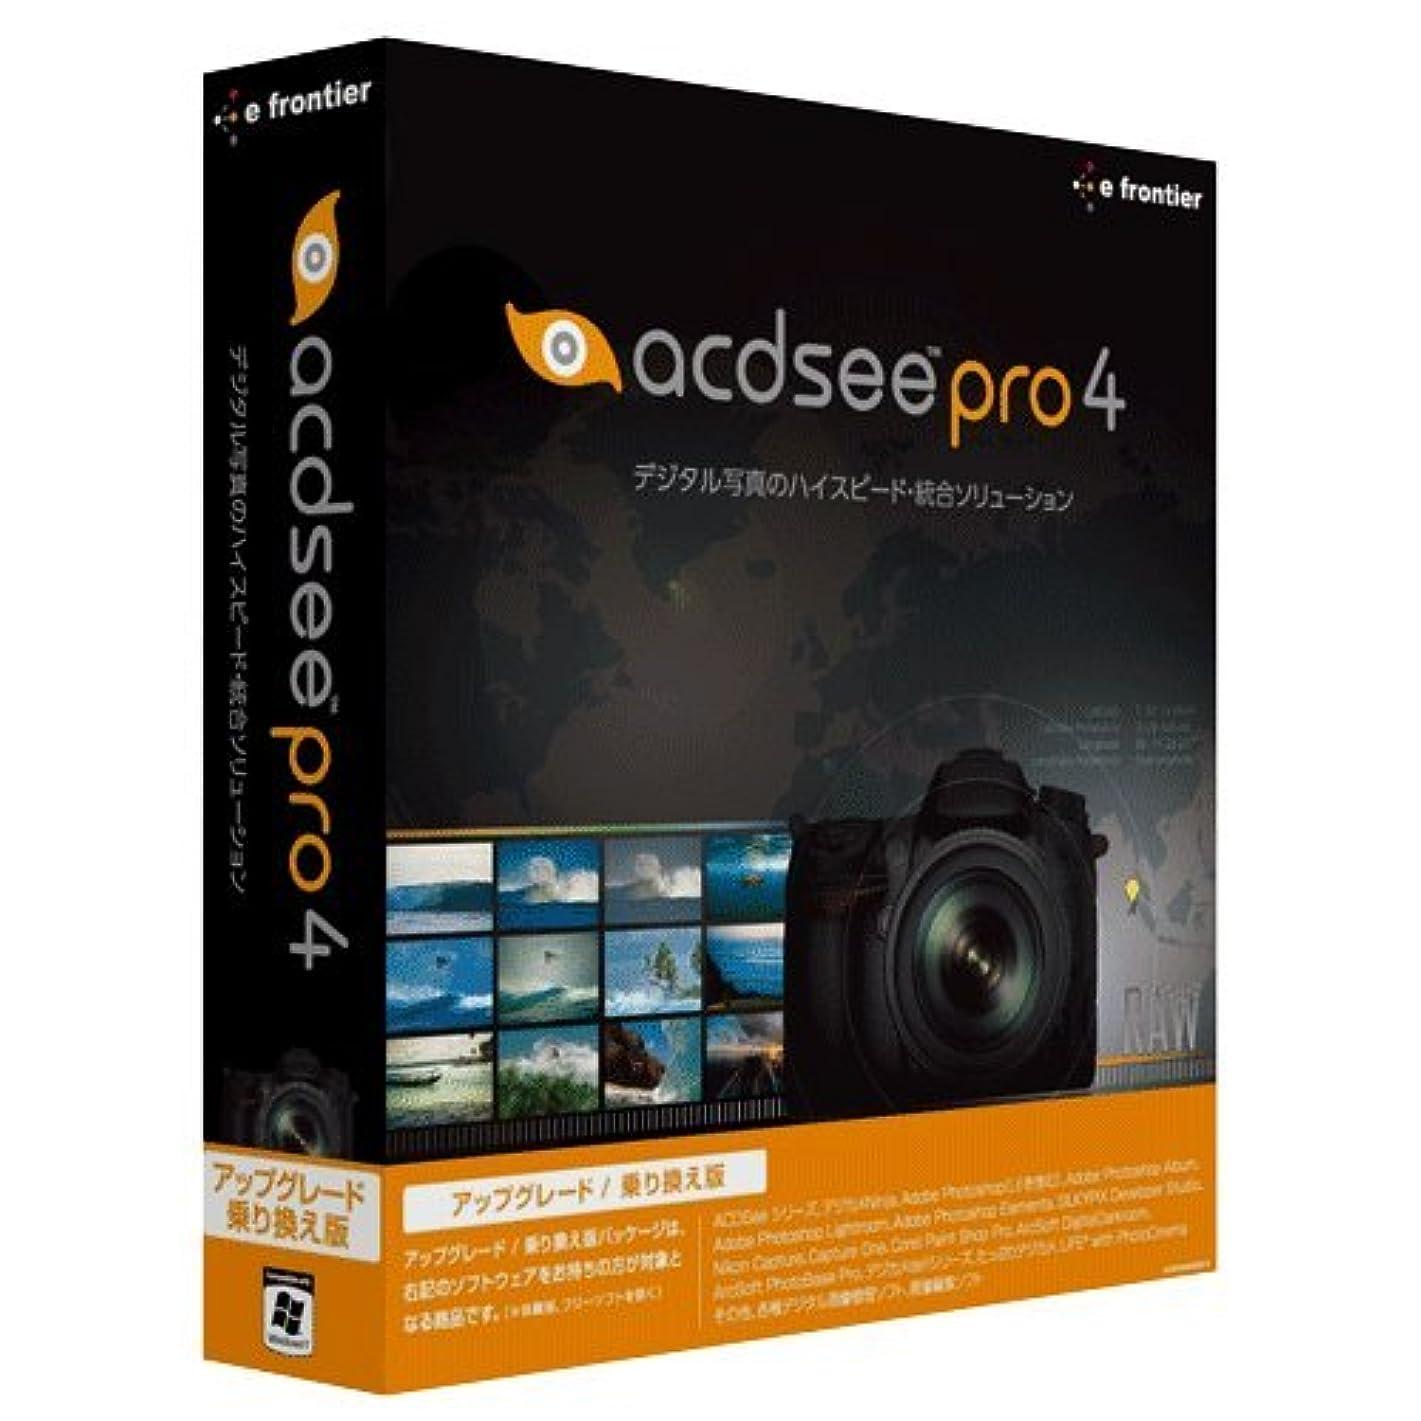 航空会社悪性密度ACDSee Pro 4 アップグレード/乗り換え版